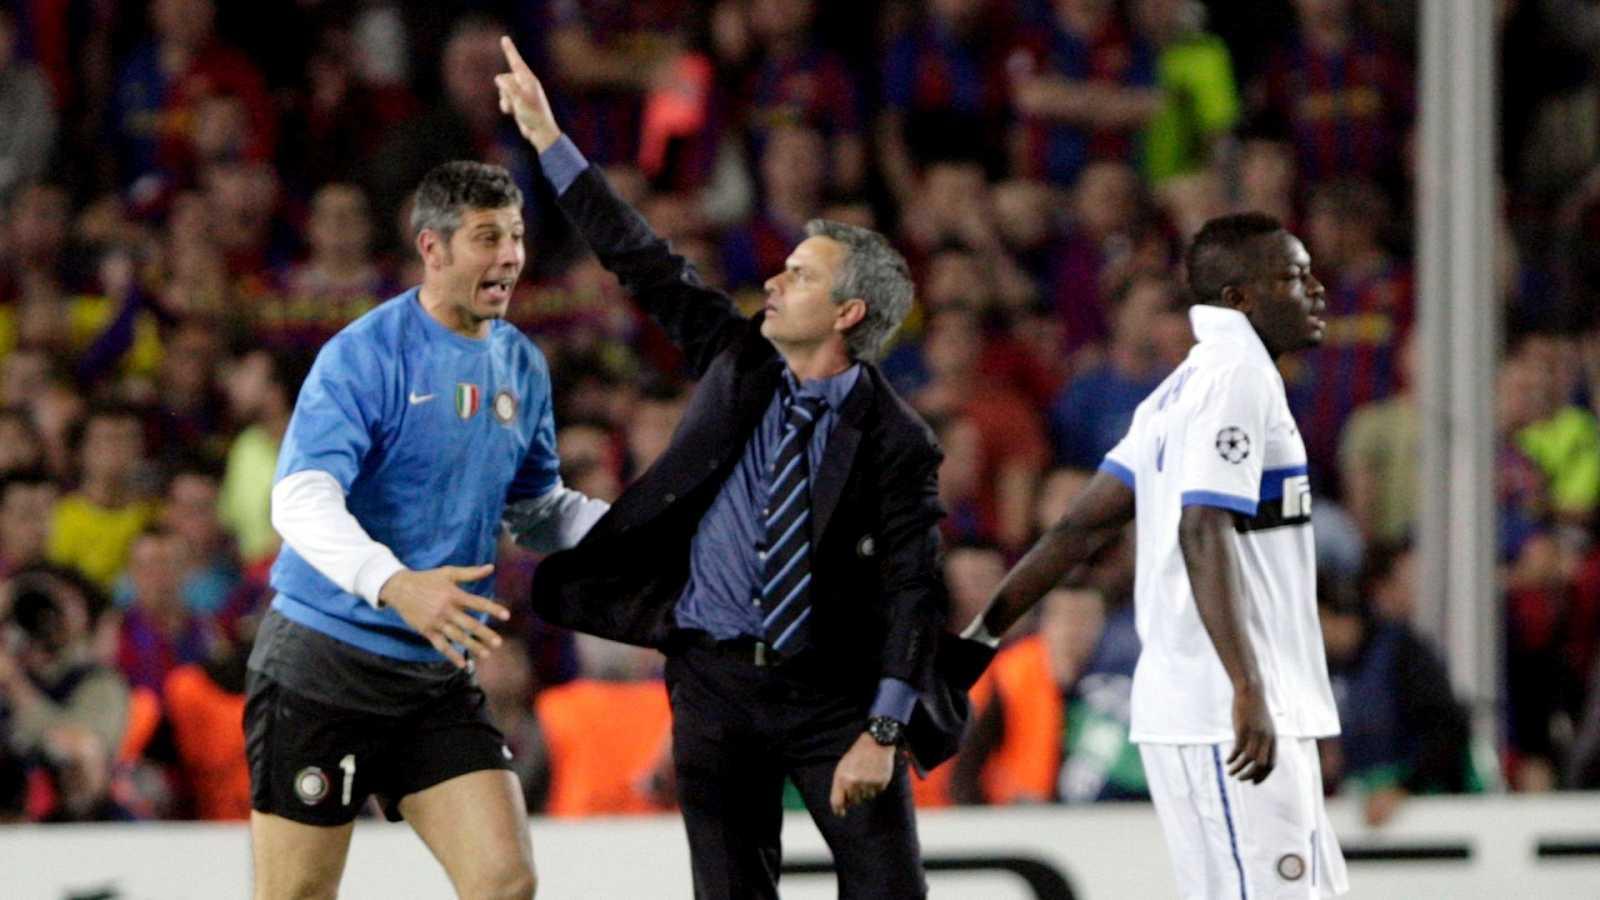 El técnico portugúes, José Mourinho, señala al cielo tras eliminar en 2010 al FC Barcelona con el Inter de Milán en las semifinales de Champions League